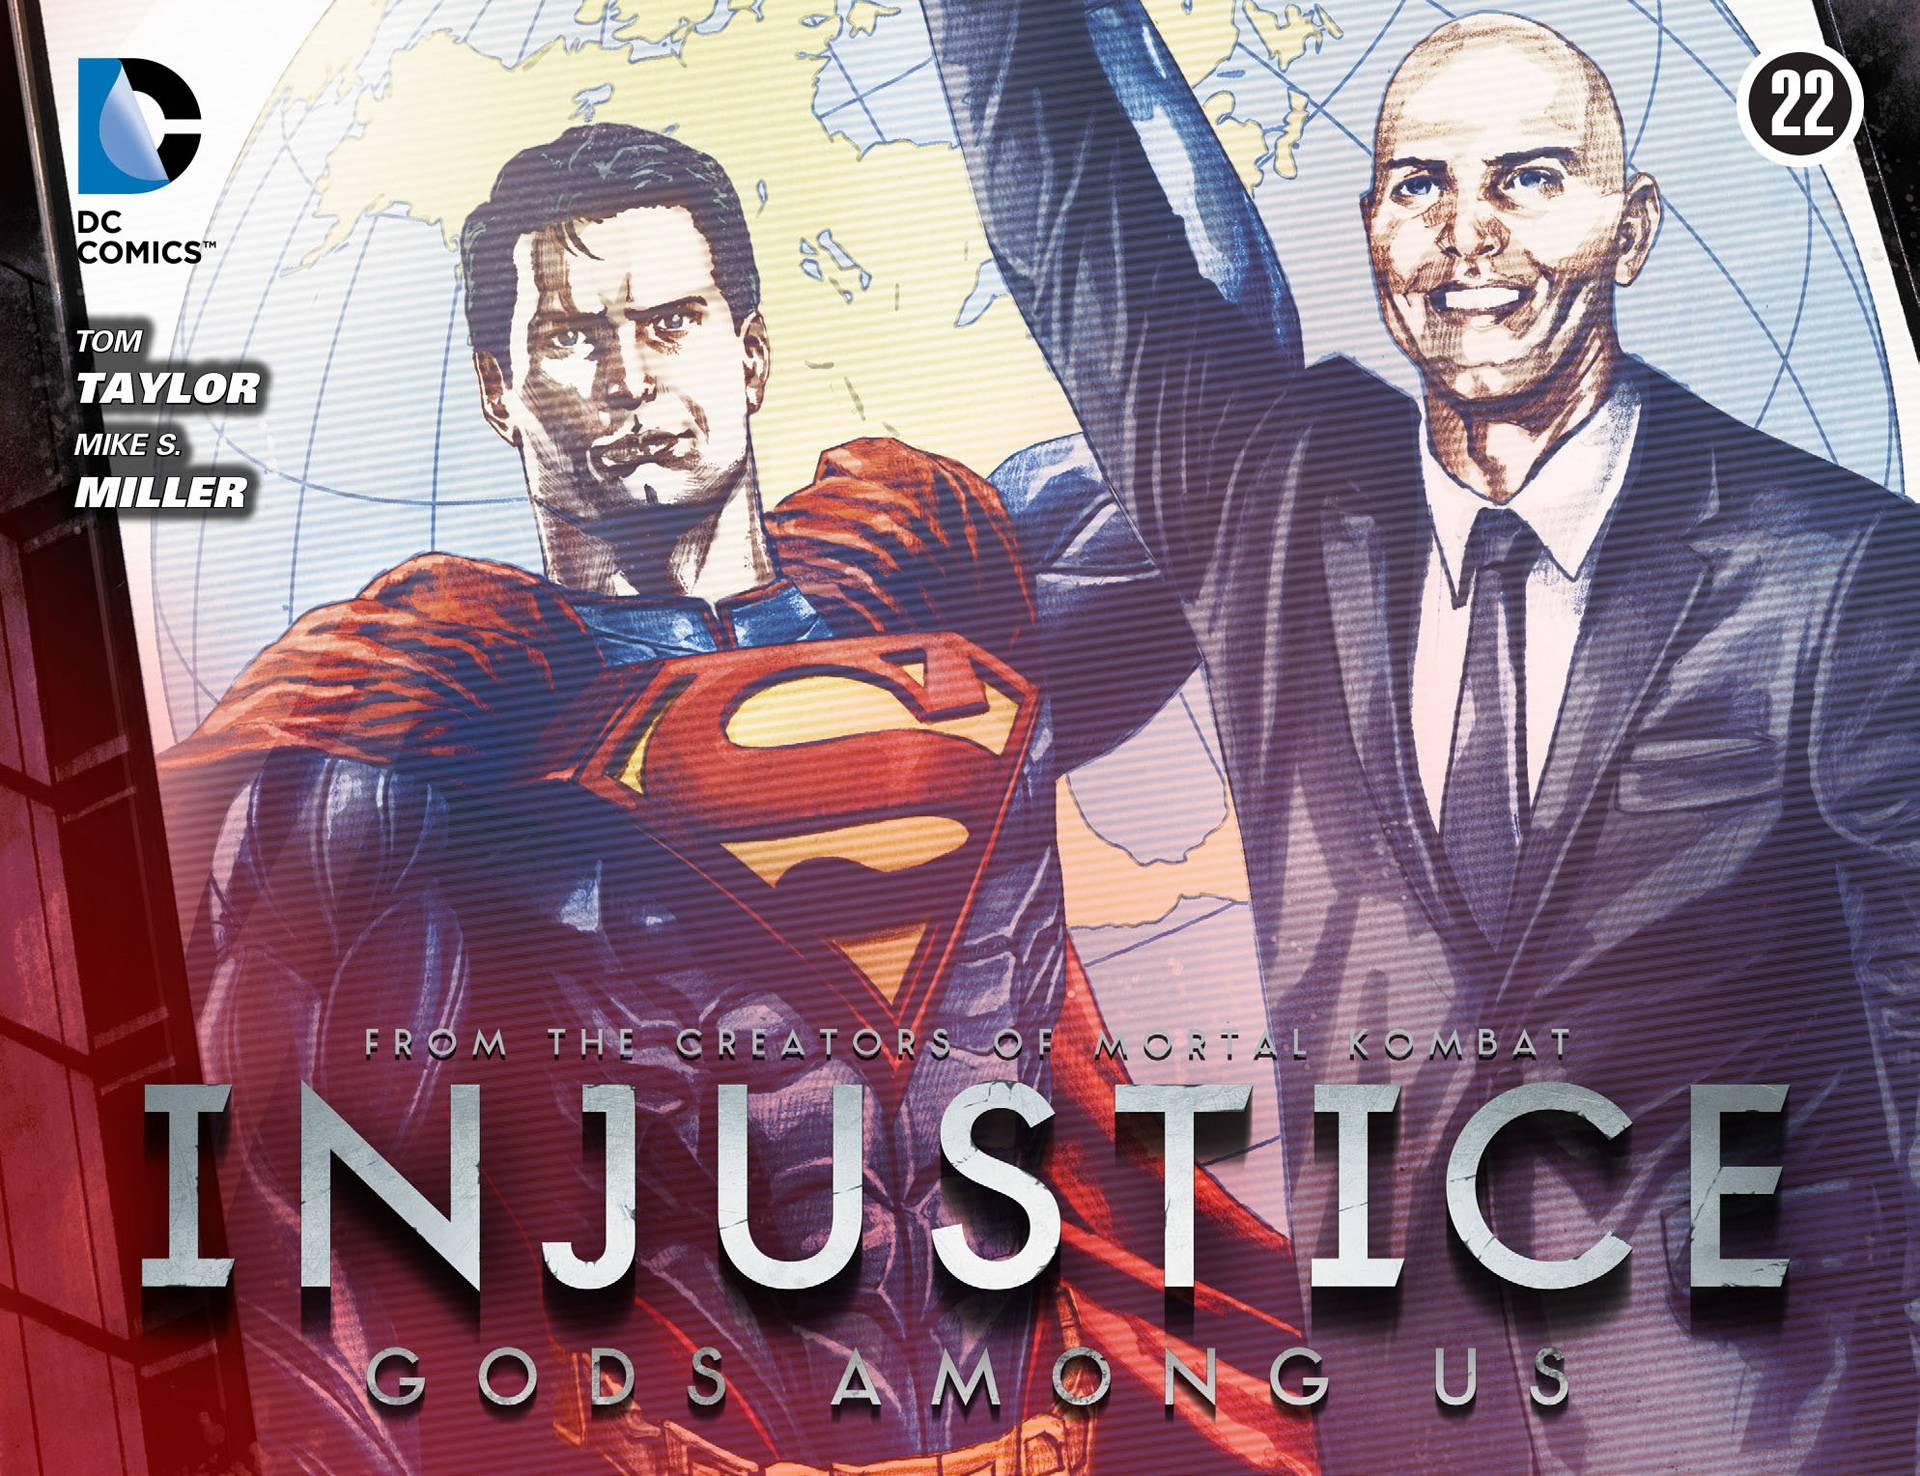 Несправедливость: Боги Среди Нас №23 онлайн